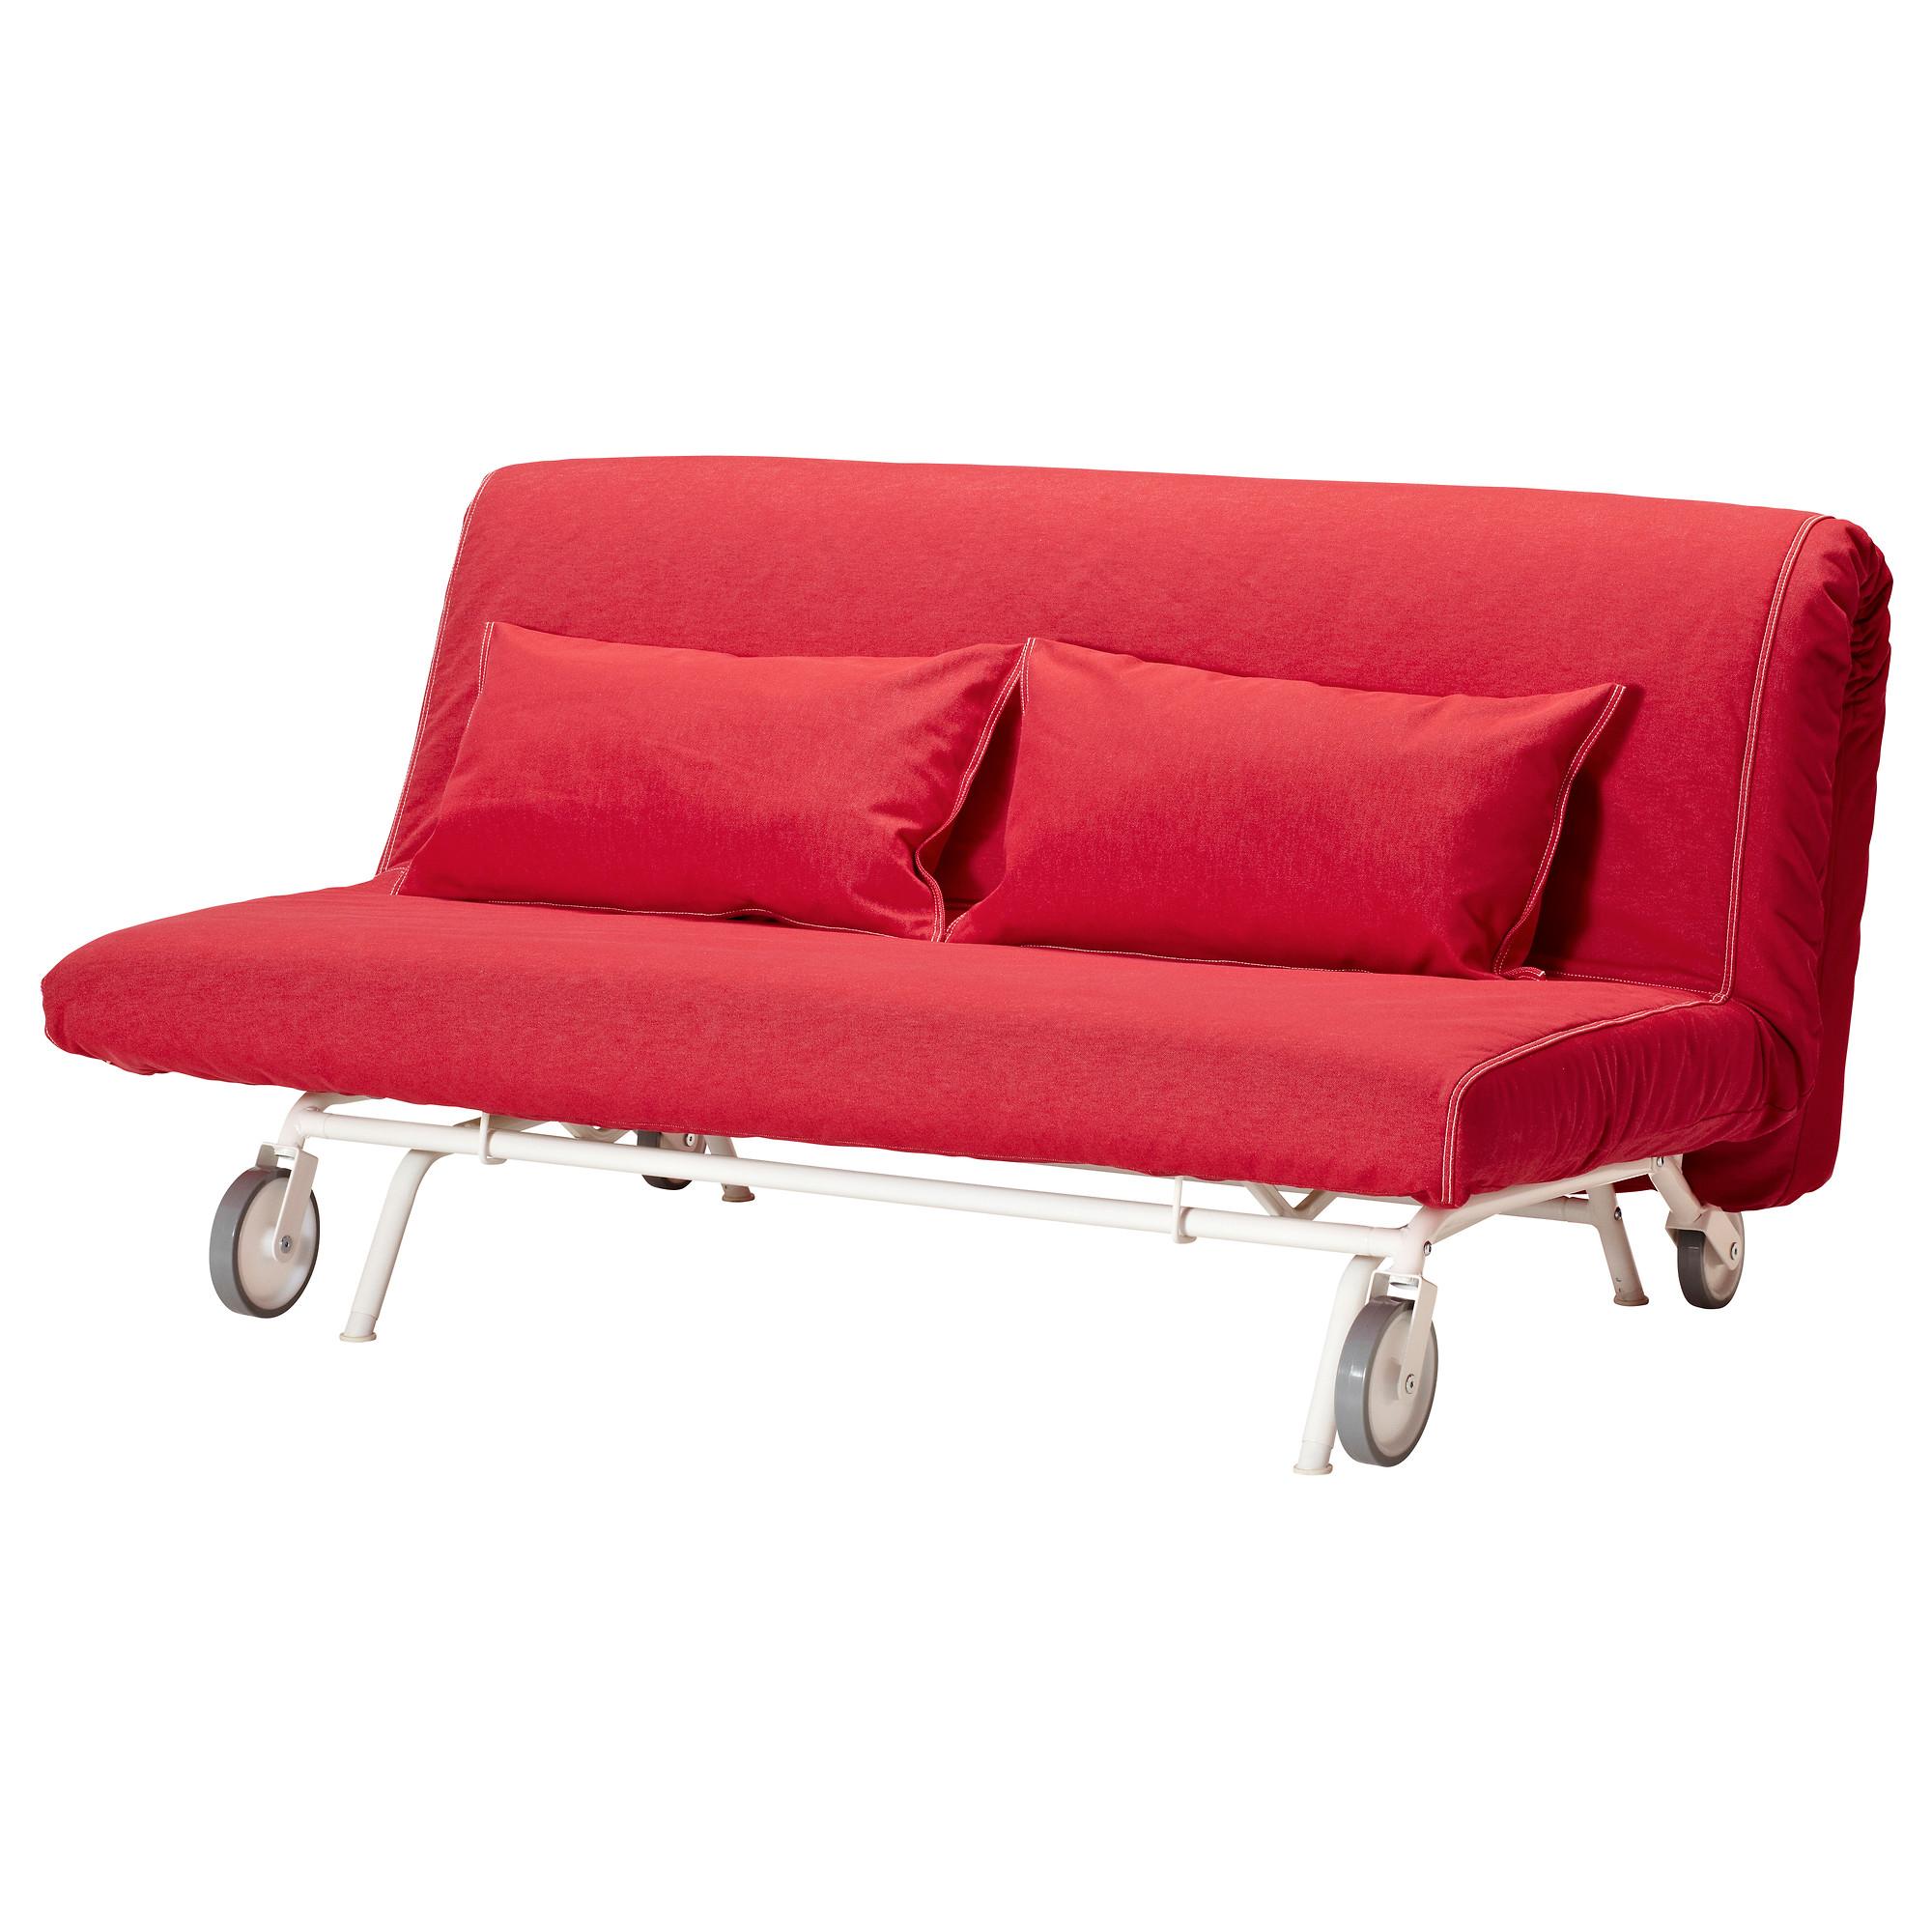 2-местный диван-кровать ИКЕА/ПС ЛЁВОС красный артикуль № 092.825.14 в наличии. Интернет магазин ИКЕА Республика Беларусь. Недорогая доставка и монтаж.